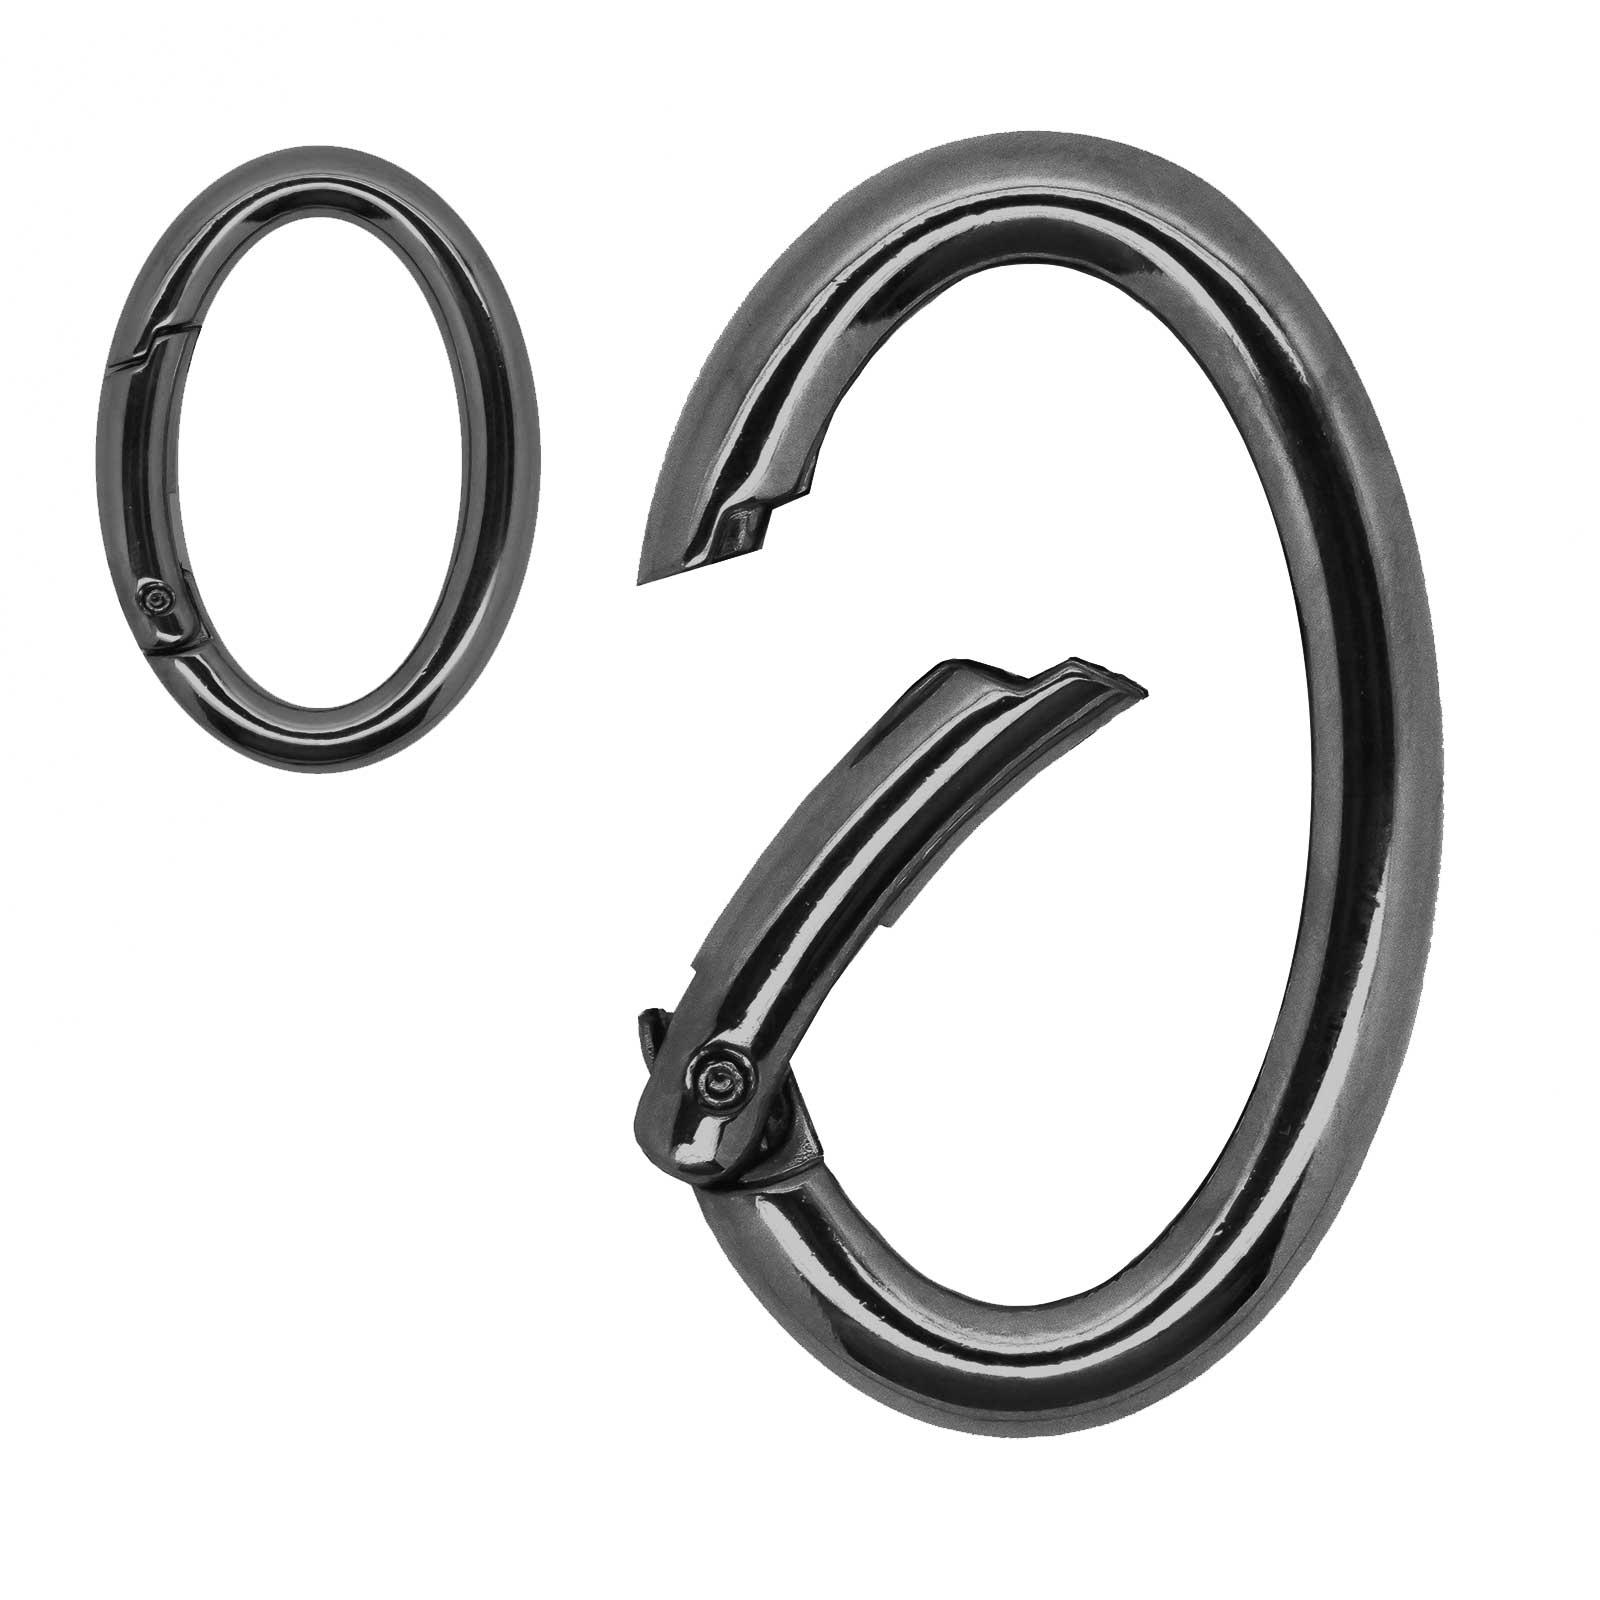 3 Ring-Karabiner Metall Karabinerhaken Schlüssel Verschluss Outdoor Tasche, Farbwahl Größenwahl – Bild 7